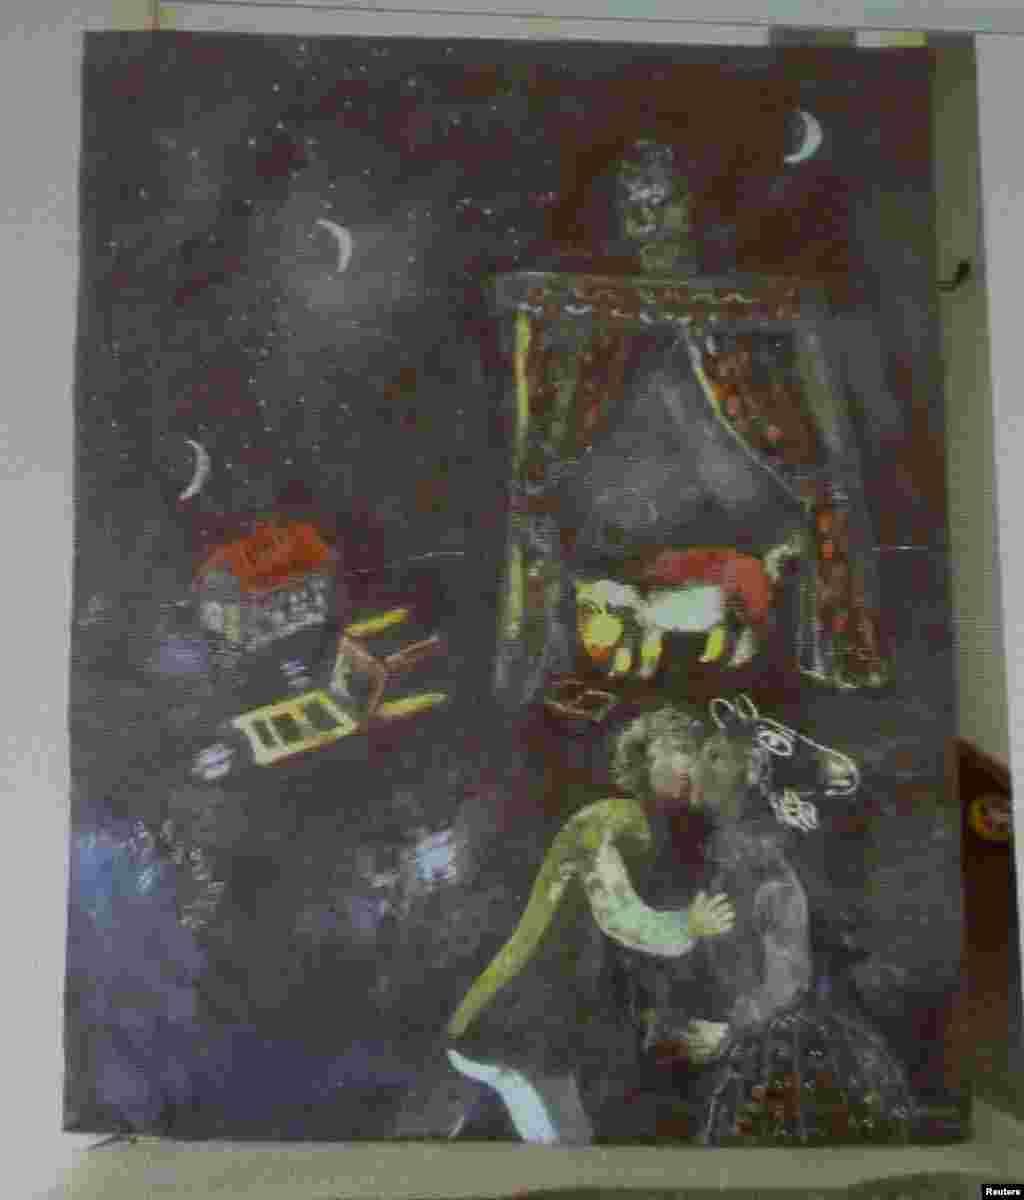 Une peinture, auparavant inconnue de l'artiste français Marc Chagall, est l'un des tableaux trouvés dans un appartement de Munich en 2011.